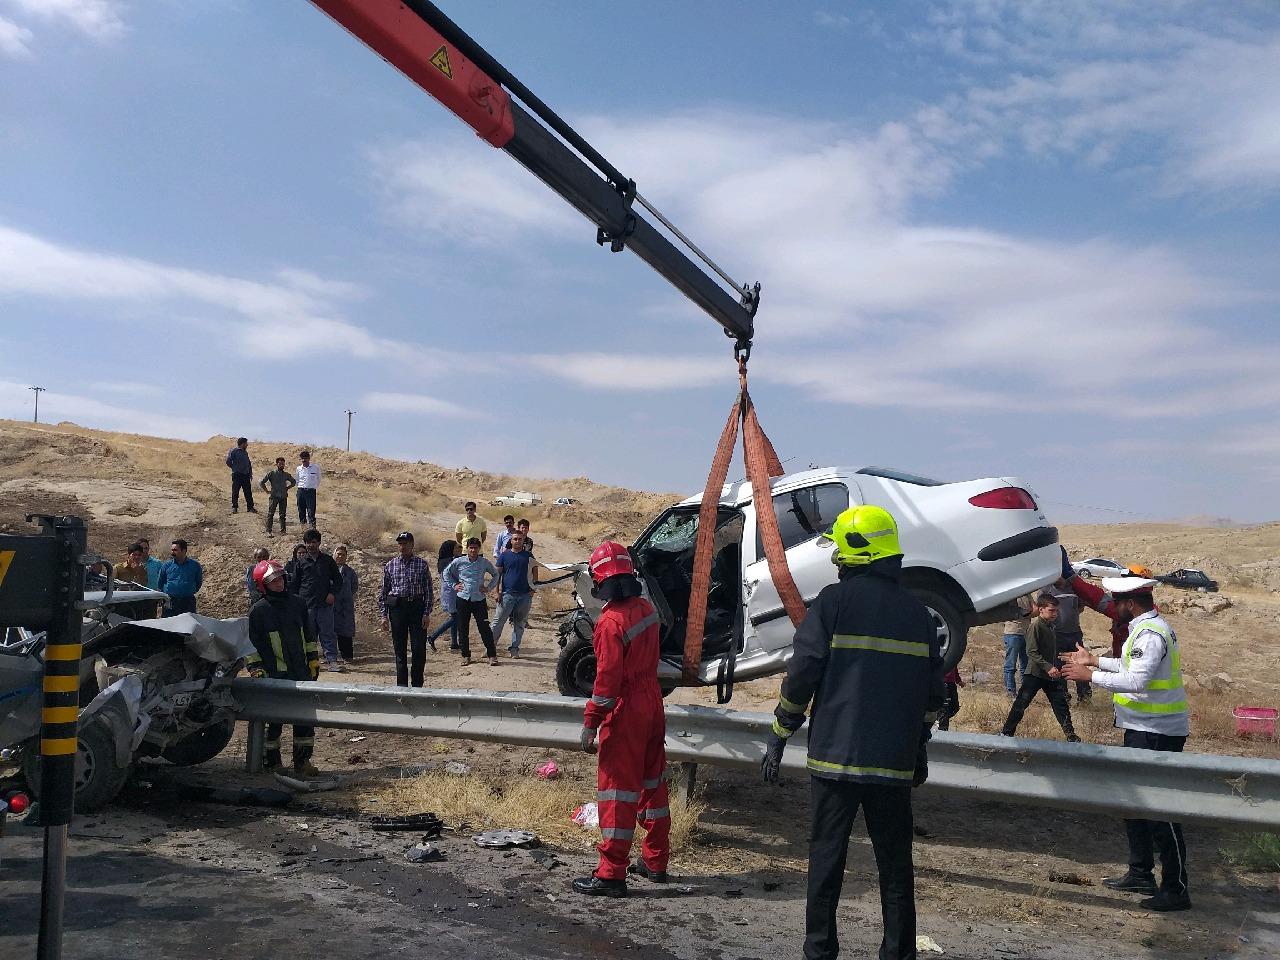 یک کشته در حادثه خواف تایباد/ ۲ حادثه رانندگی در یک روز و۱۱ مصدوم